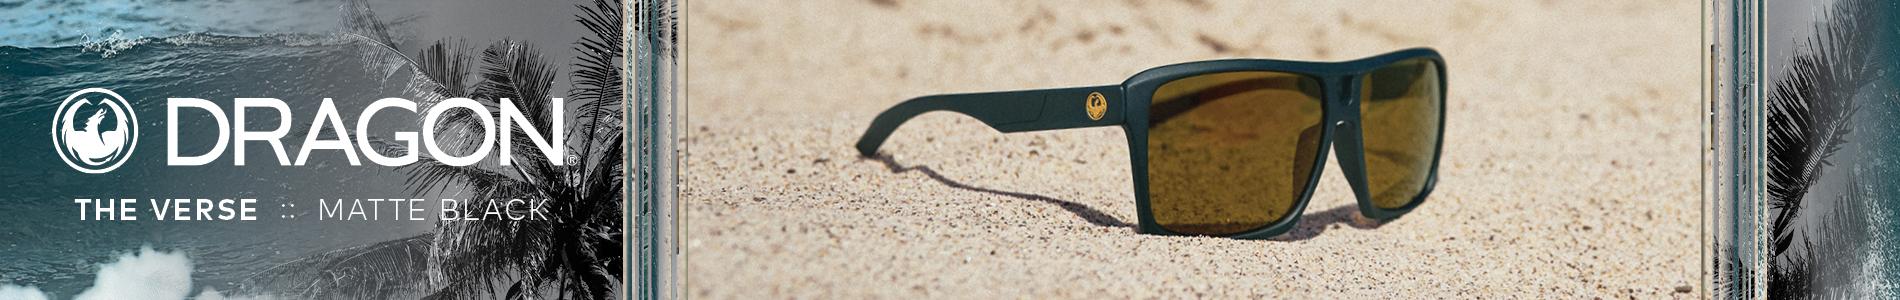 5e7e1d57474 Dragon Sunglasses